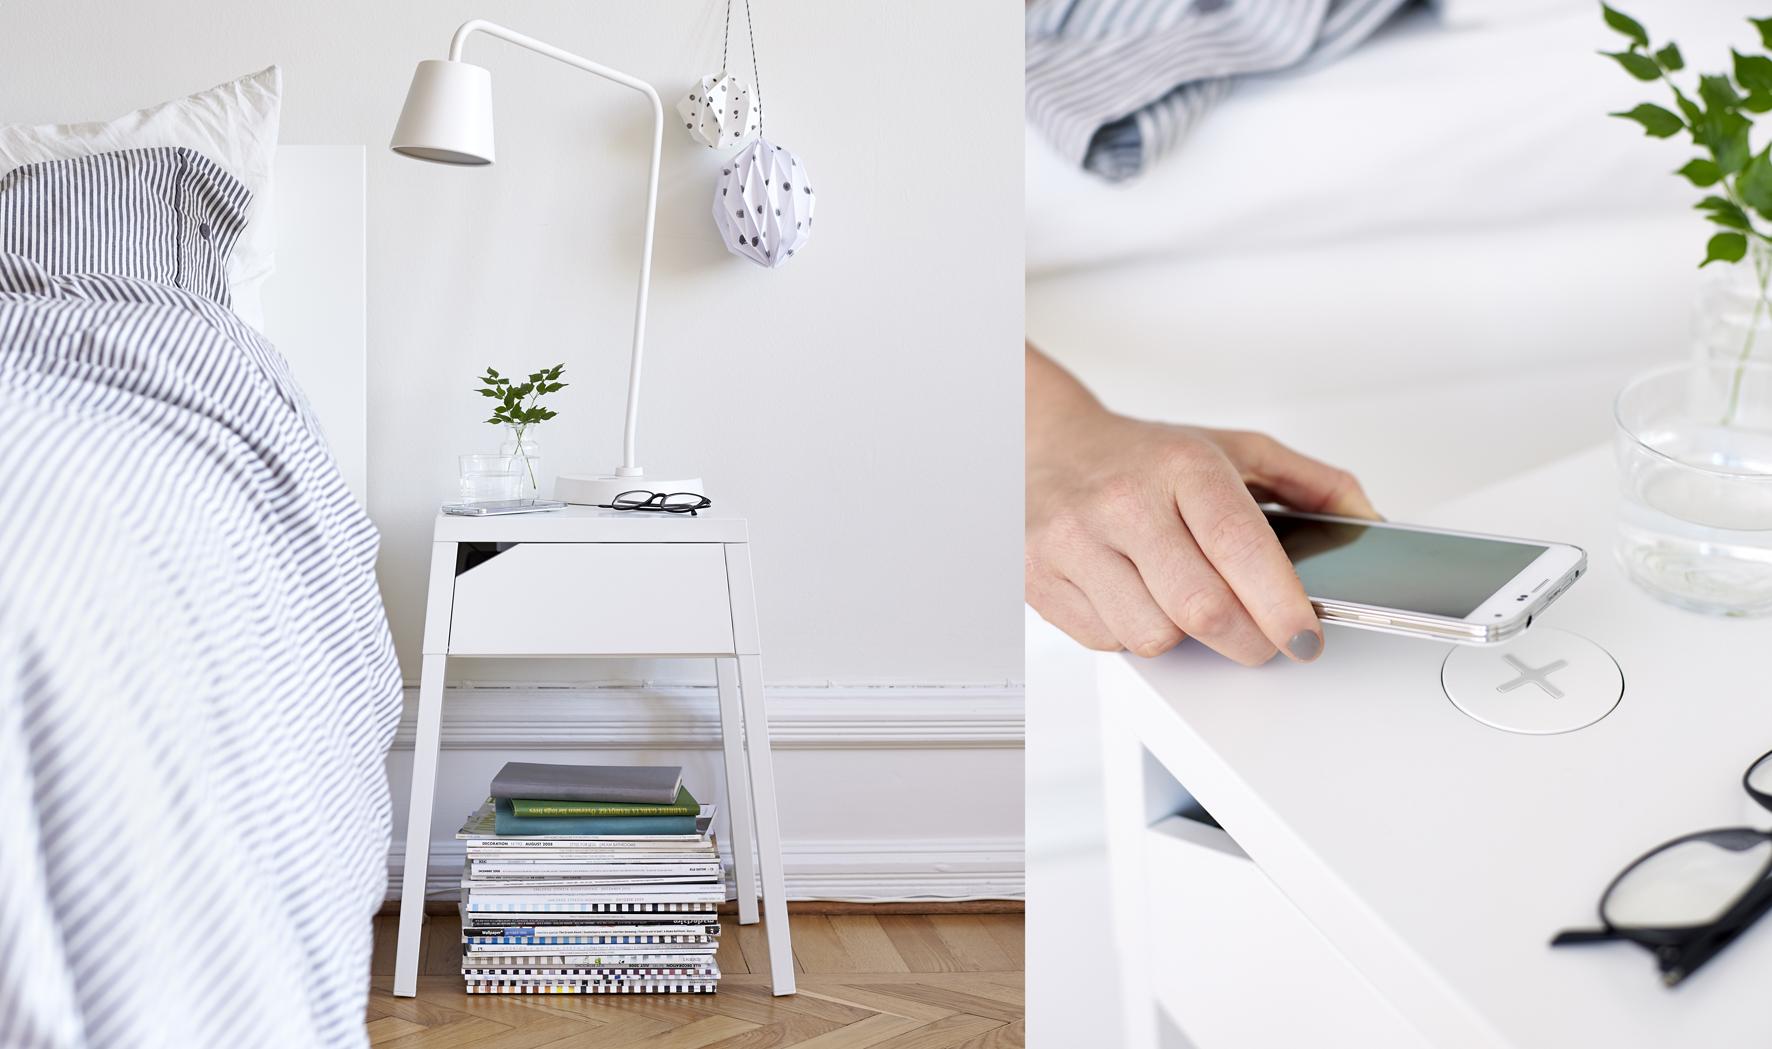 Multifunctionele Ikea Meubels Inspiratie Voor Je Interieur